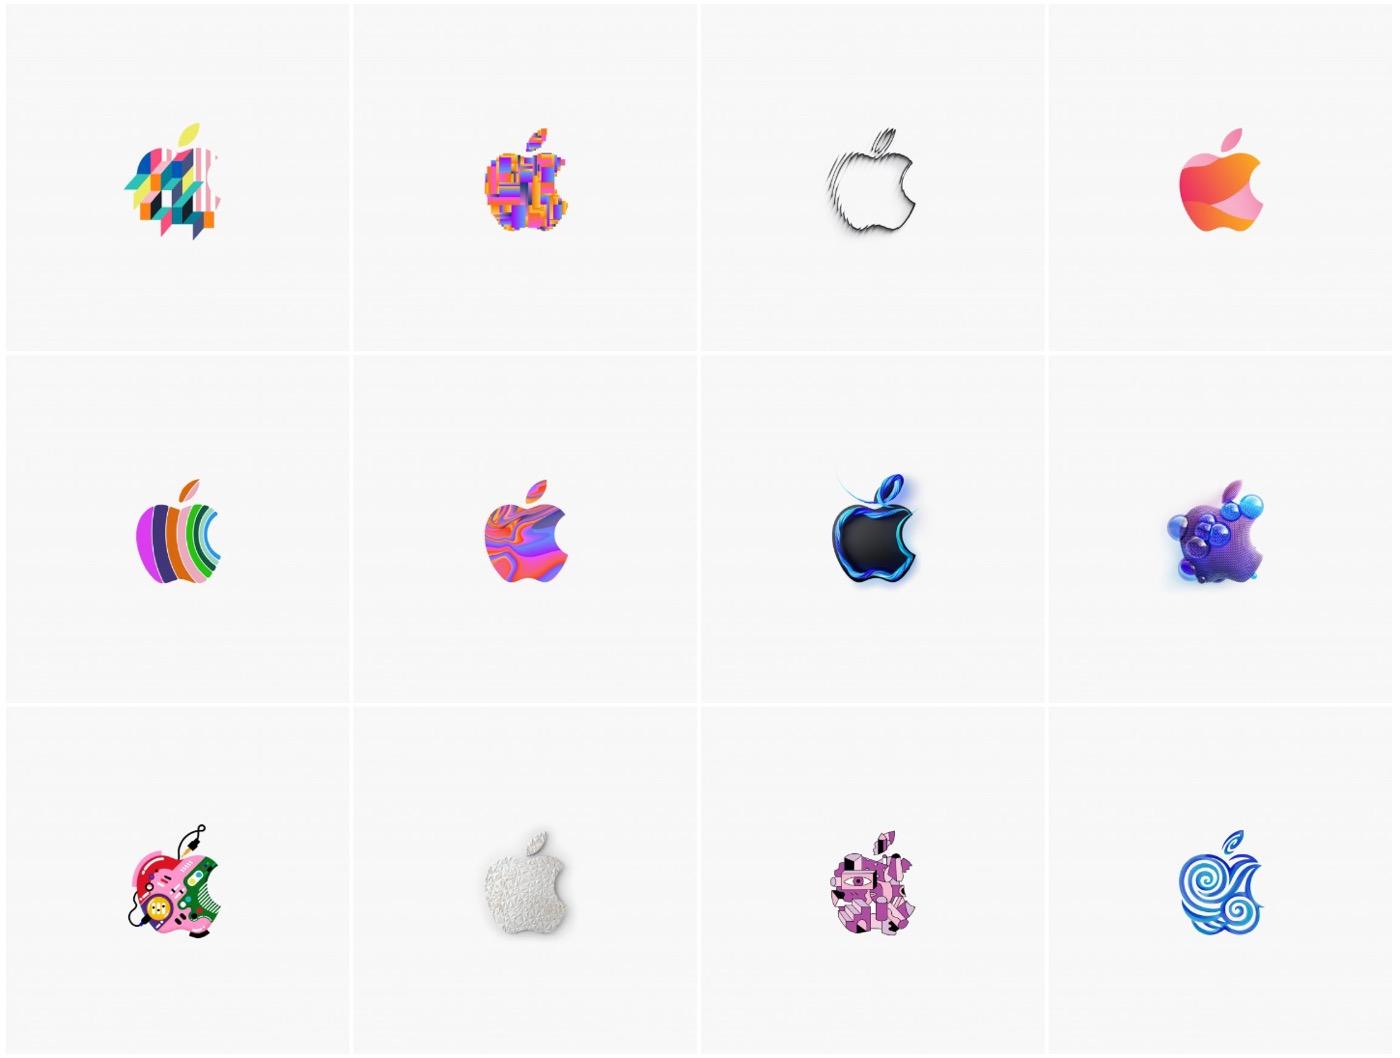 10月30日の発表イベントのappleロゴ画像 全371種類 が壁紙に